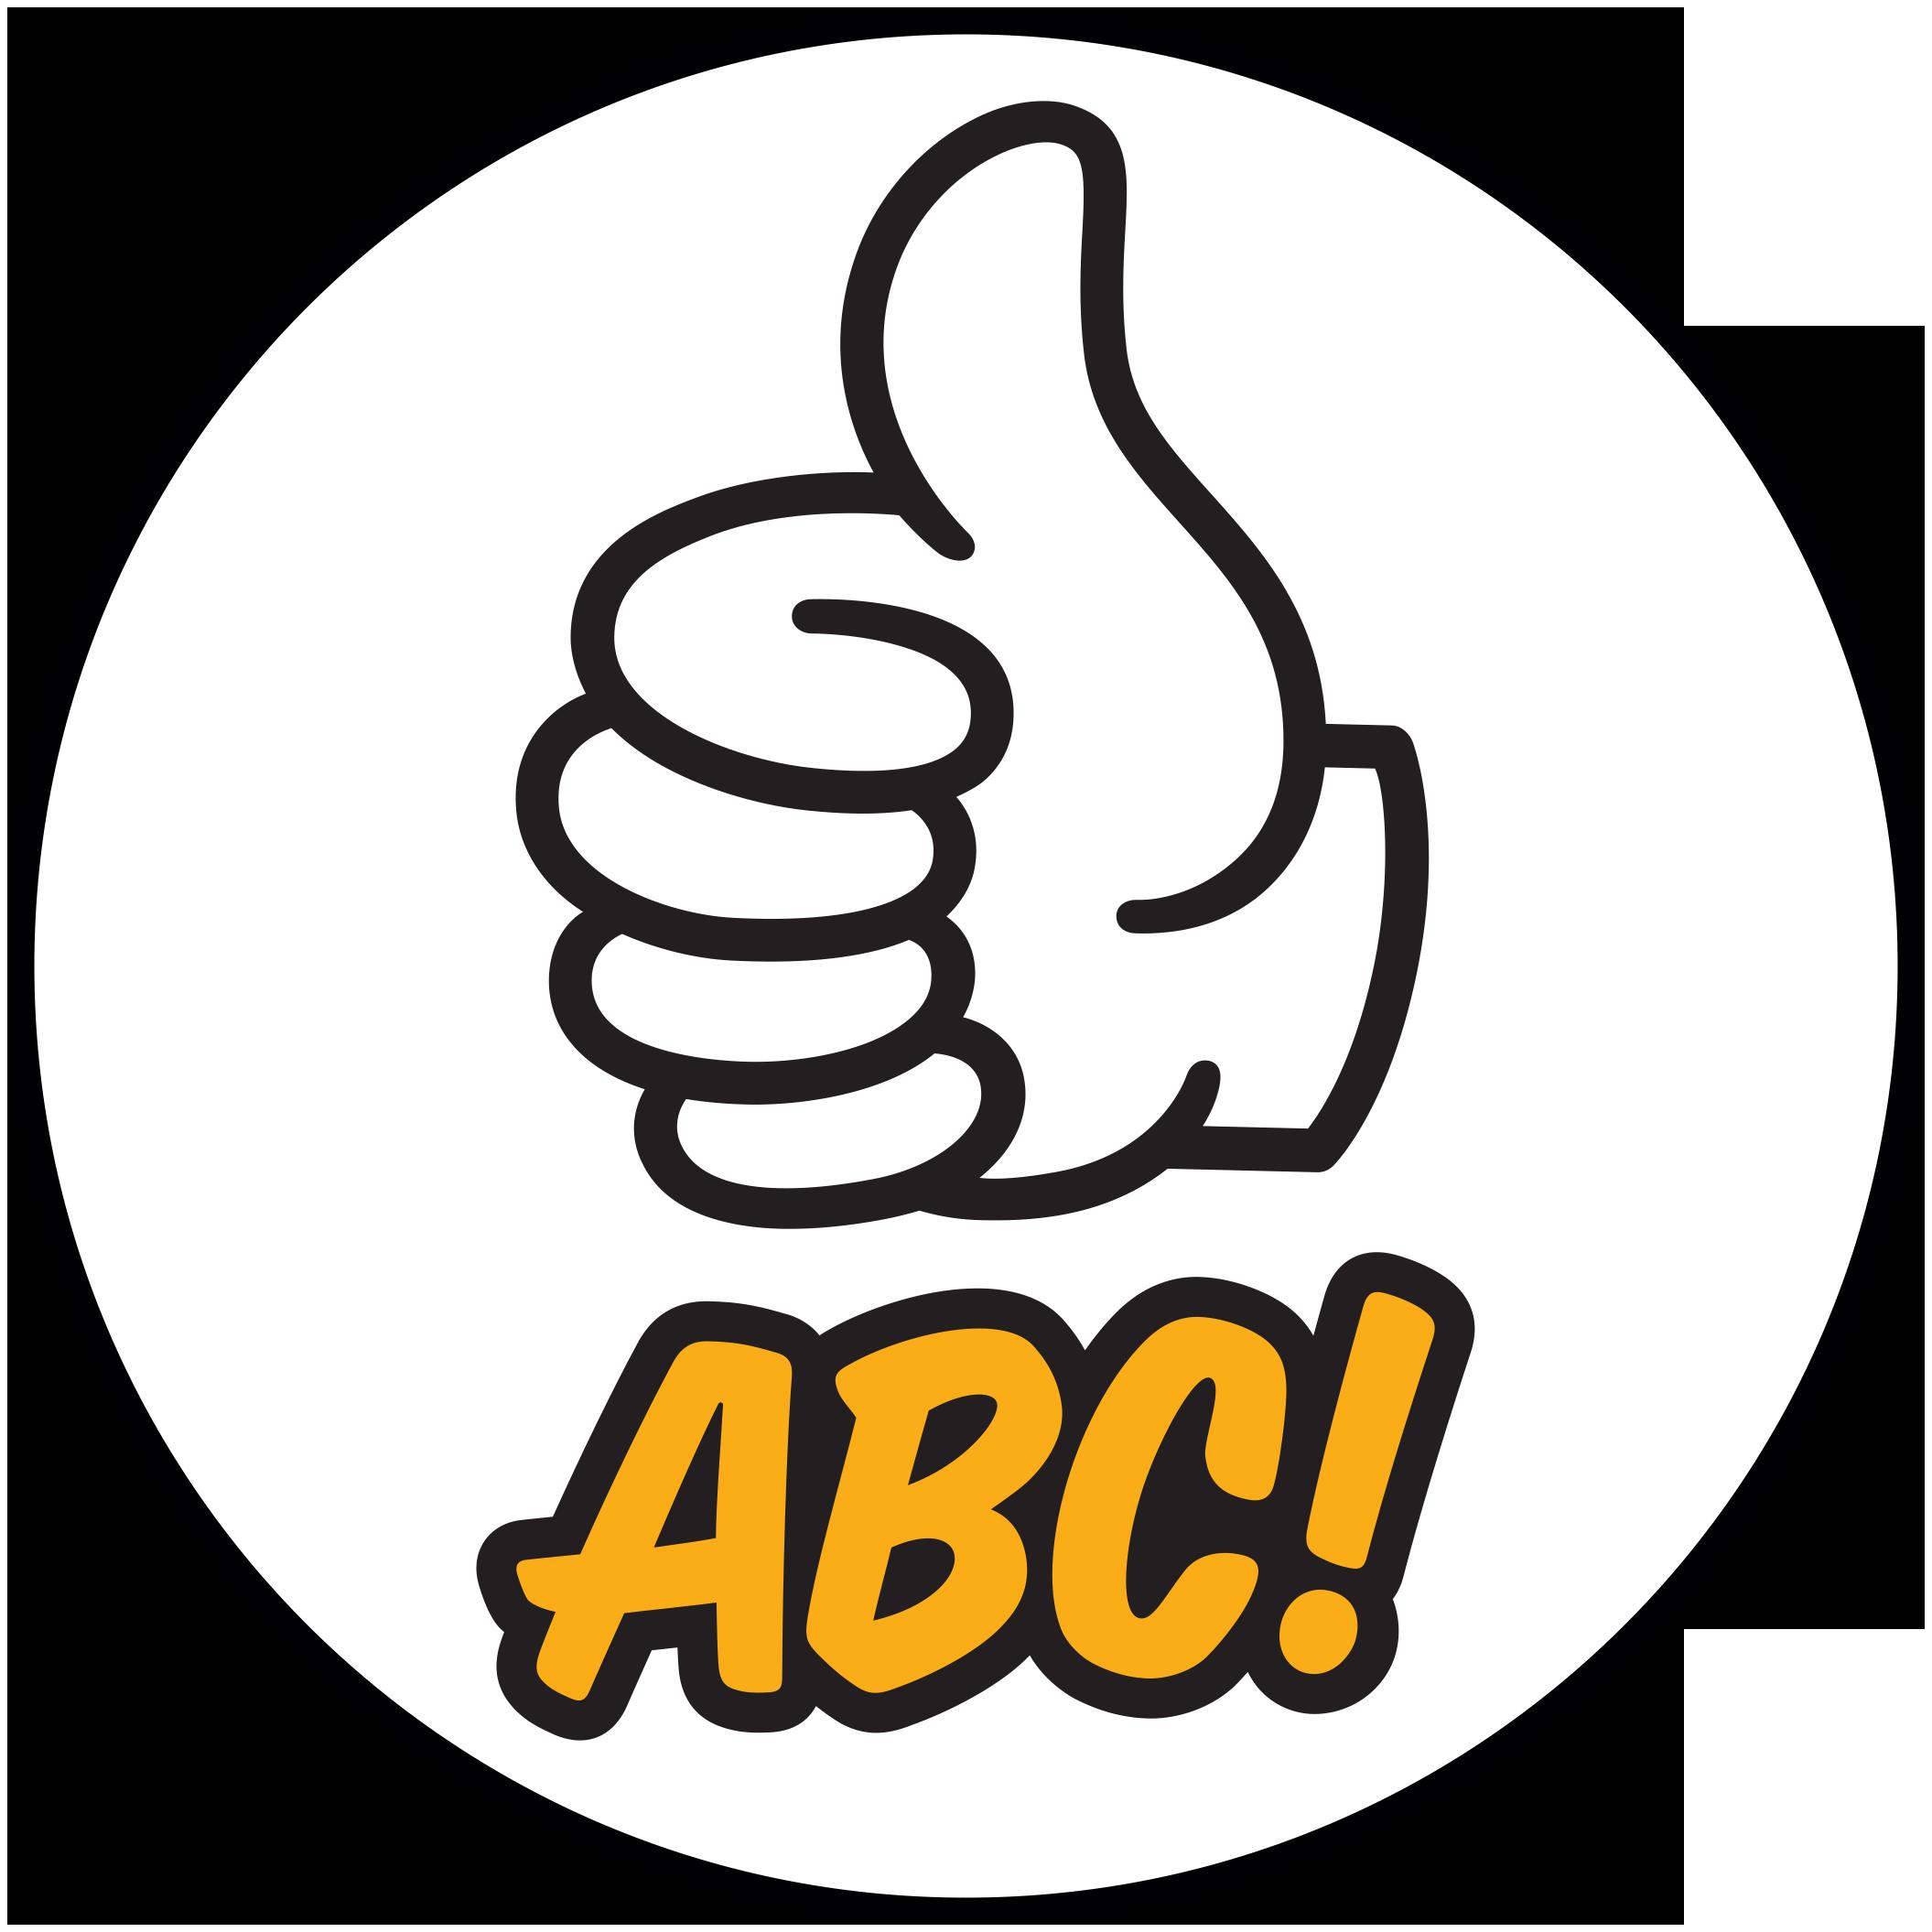 ABC Palokka Jyväskylä